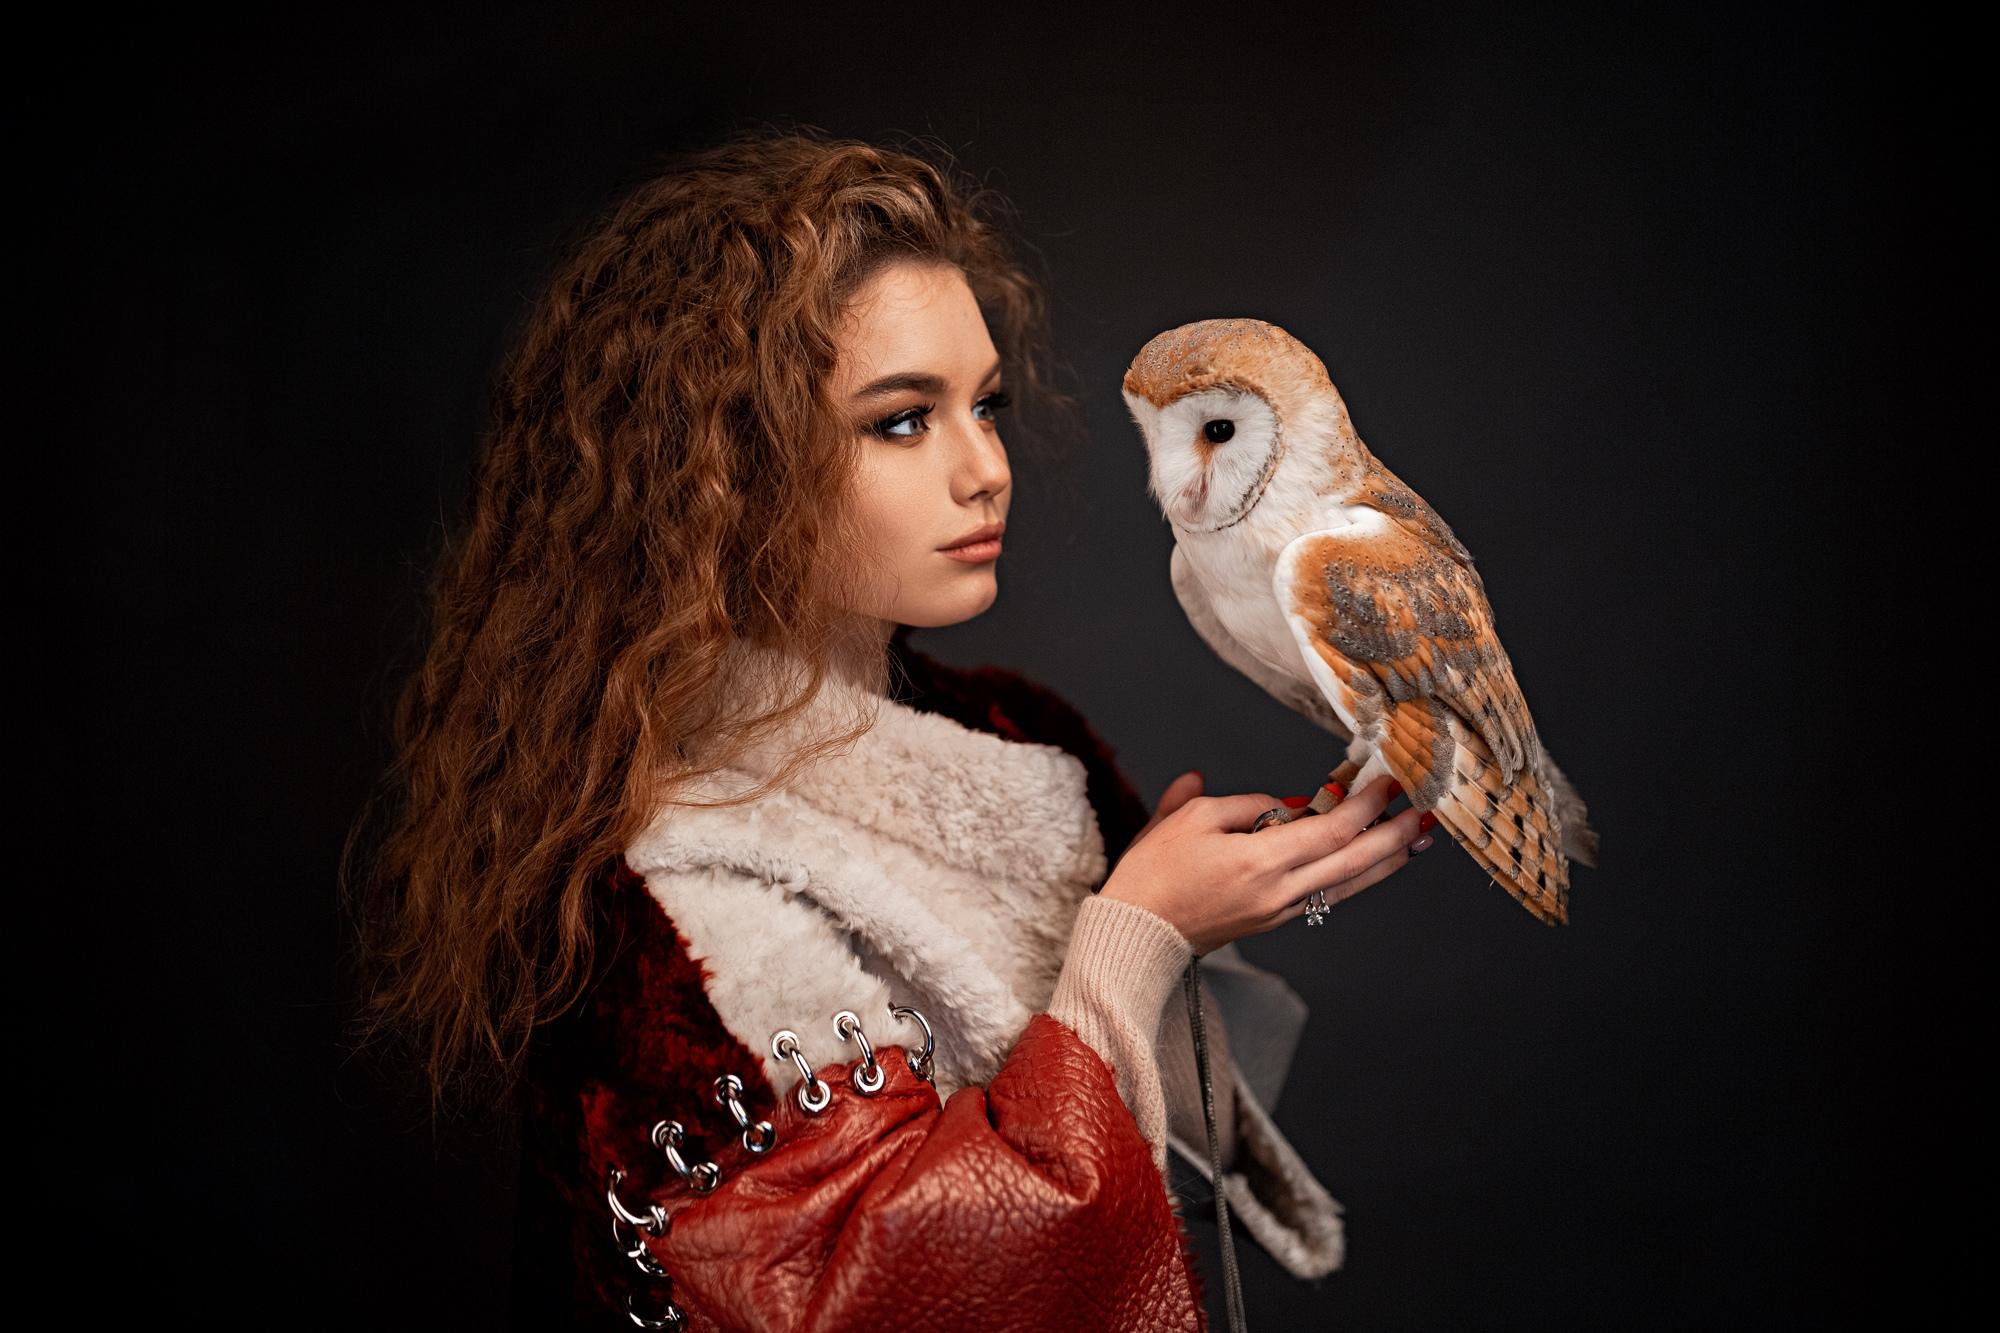 990 Wallpaper Wanita Burung Hantu HD Terbaik